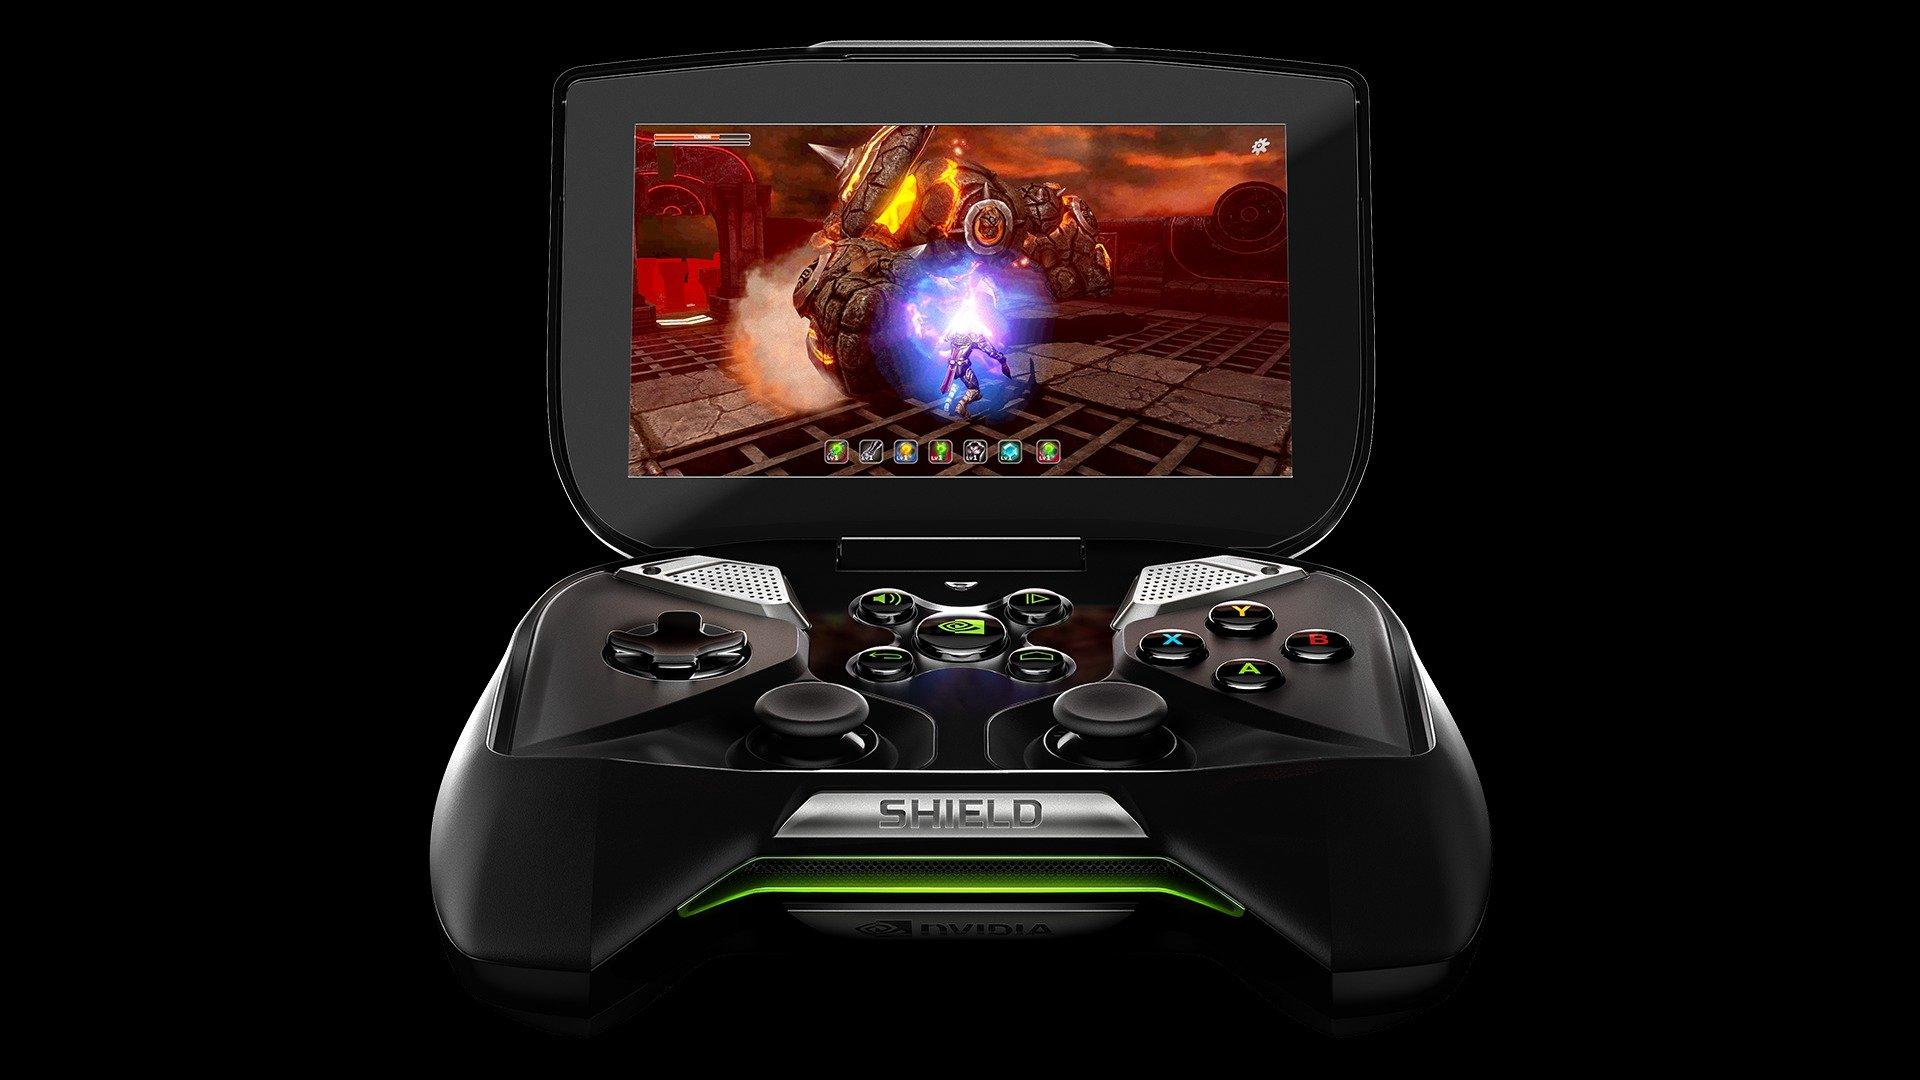 Обновление консоли Nvidia Shield повысило качество видео  - Изображение 1